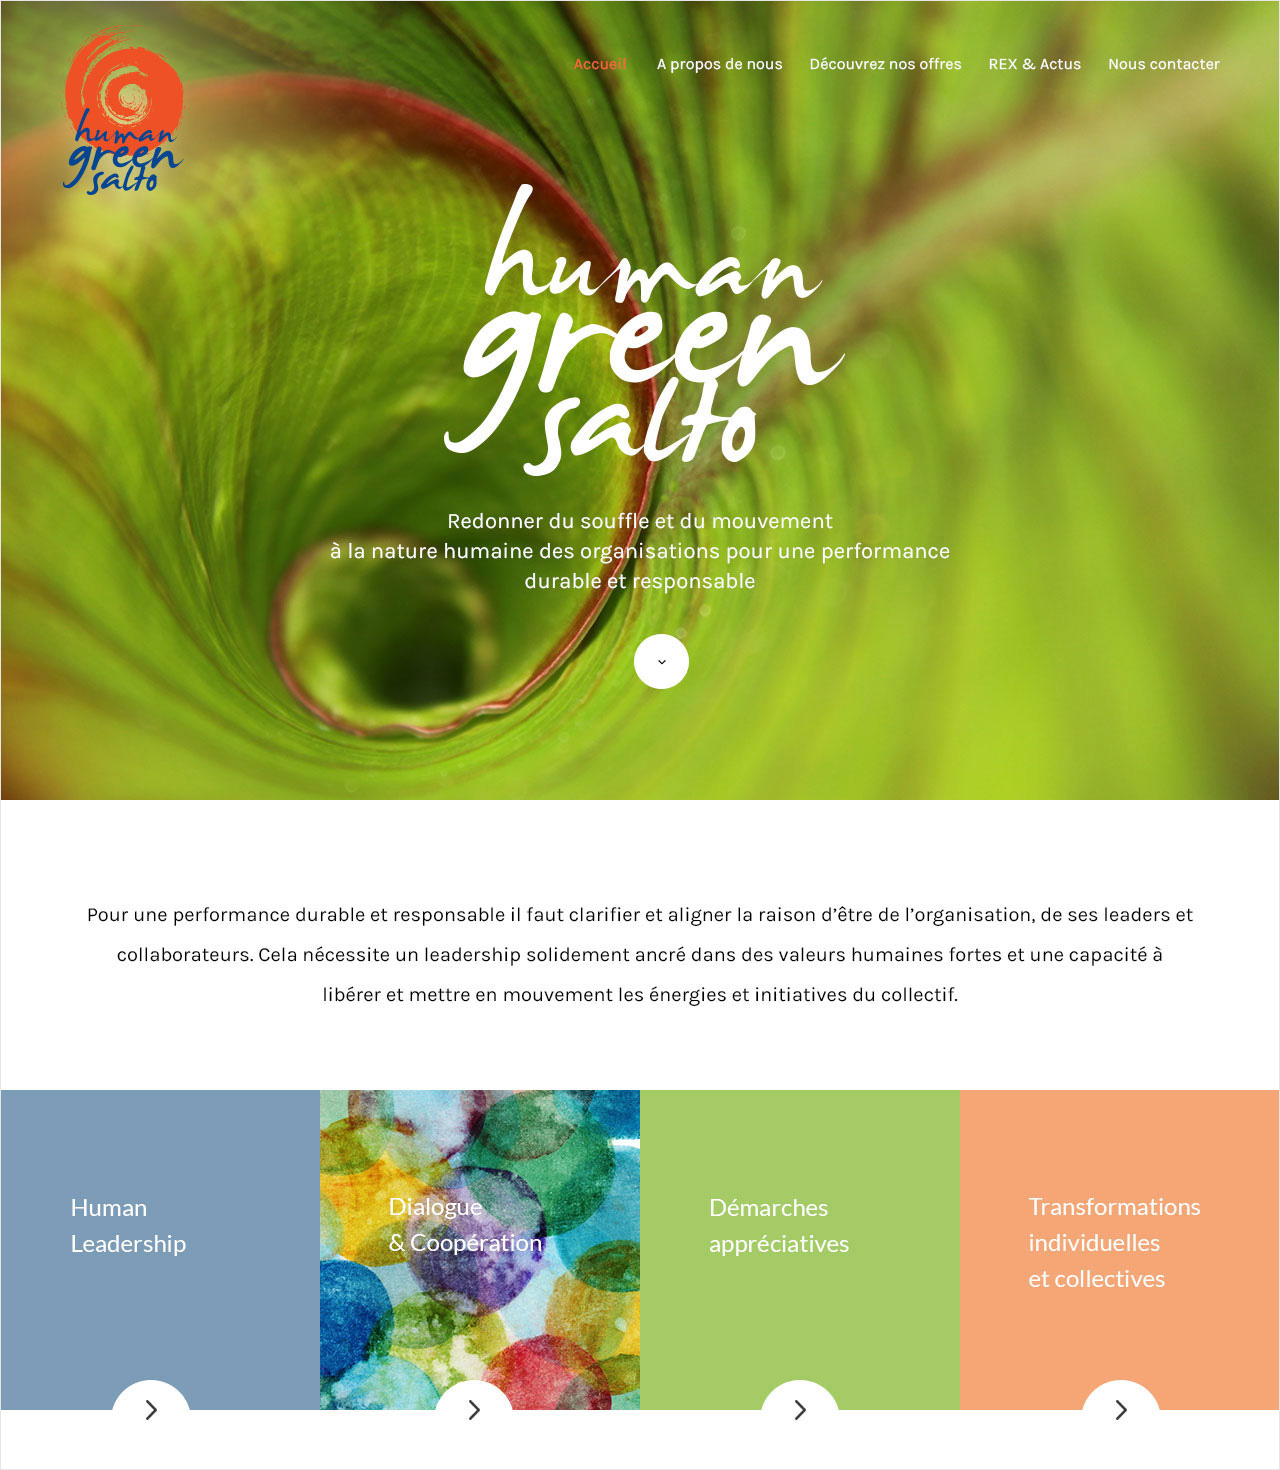 HumanGreenSalto-Site-Img3